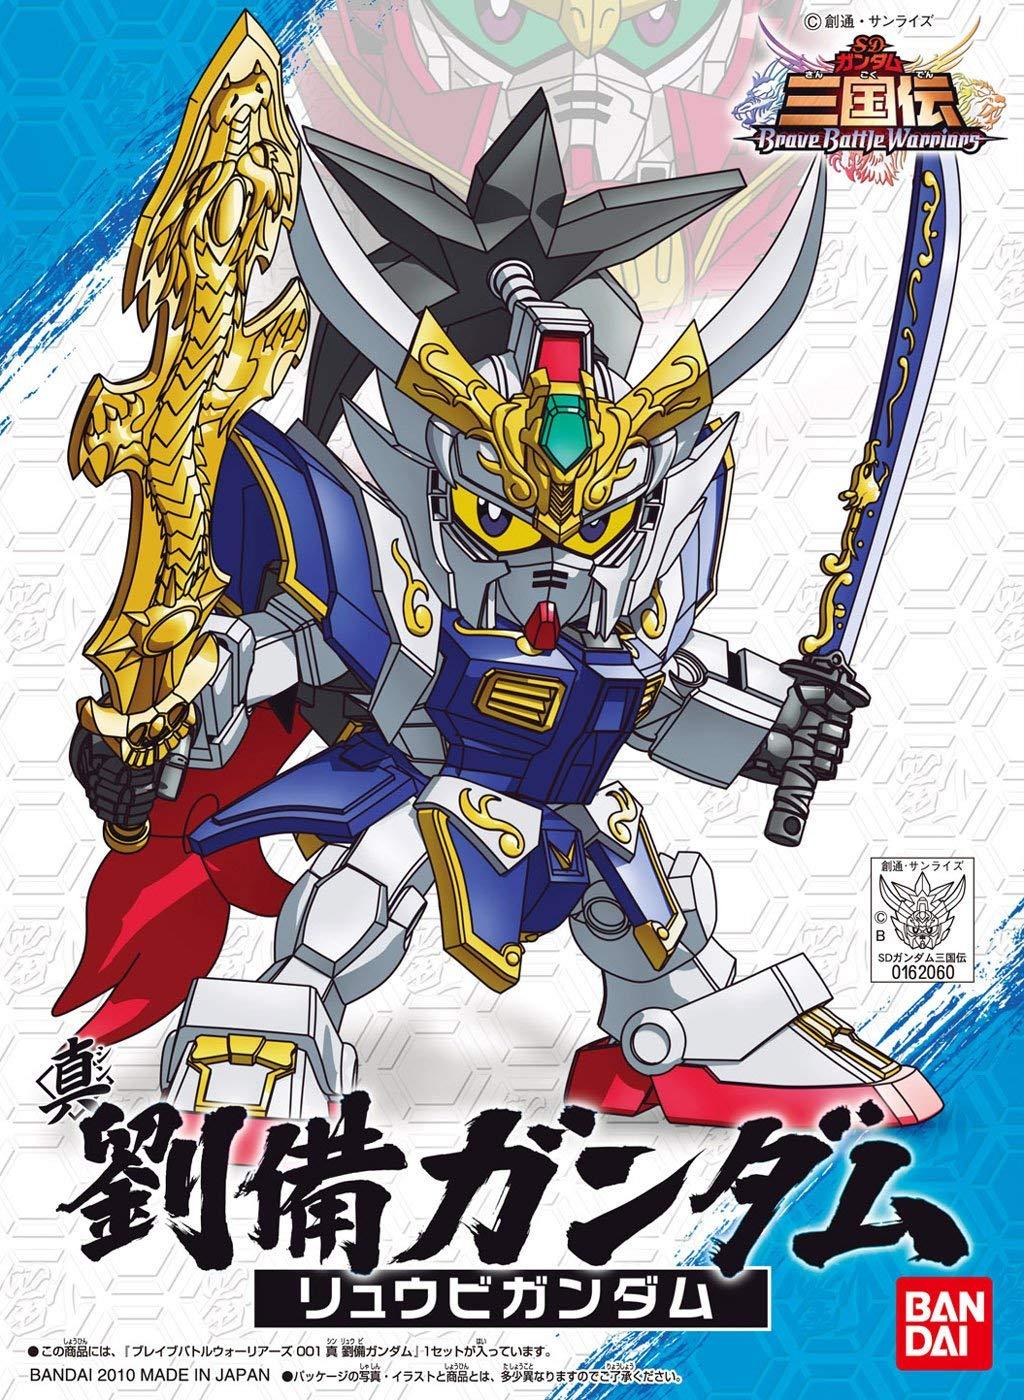 SDガンダム 三国伝 Brave Battle Warriors(ブレイブバトルウォーリアーズ) 001 真 劉備ガンダム(リュウビガンダム)